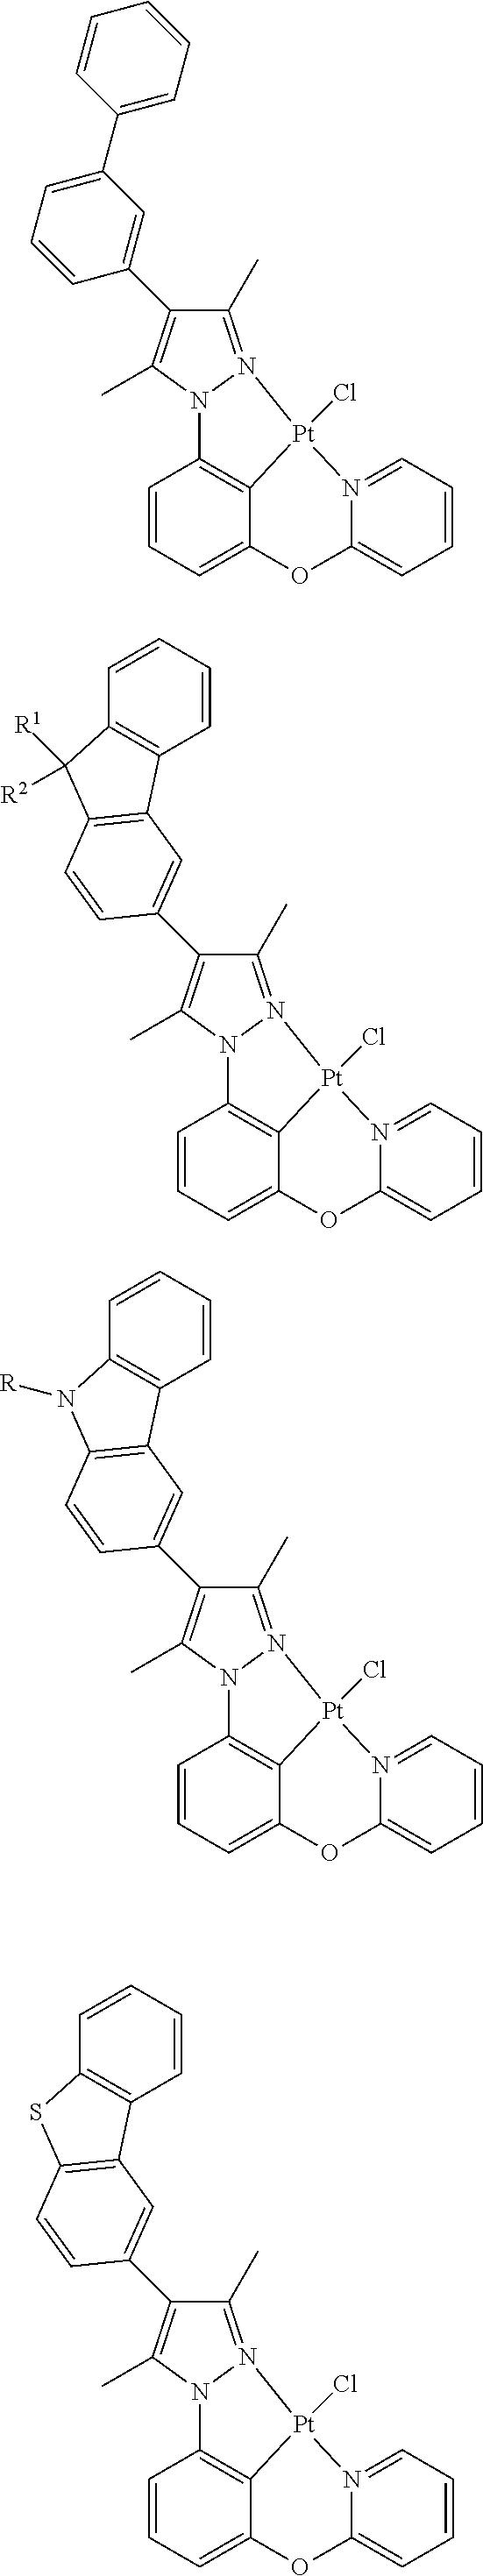 Figure US09818959-20171114-C00131